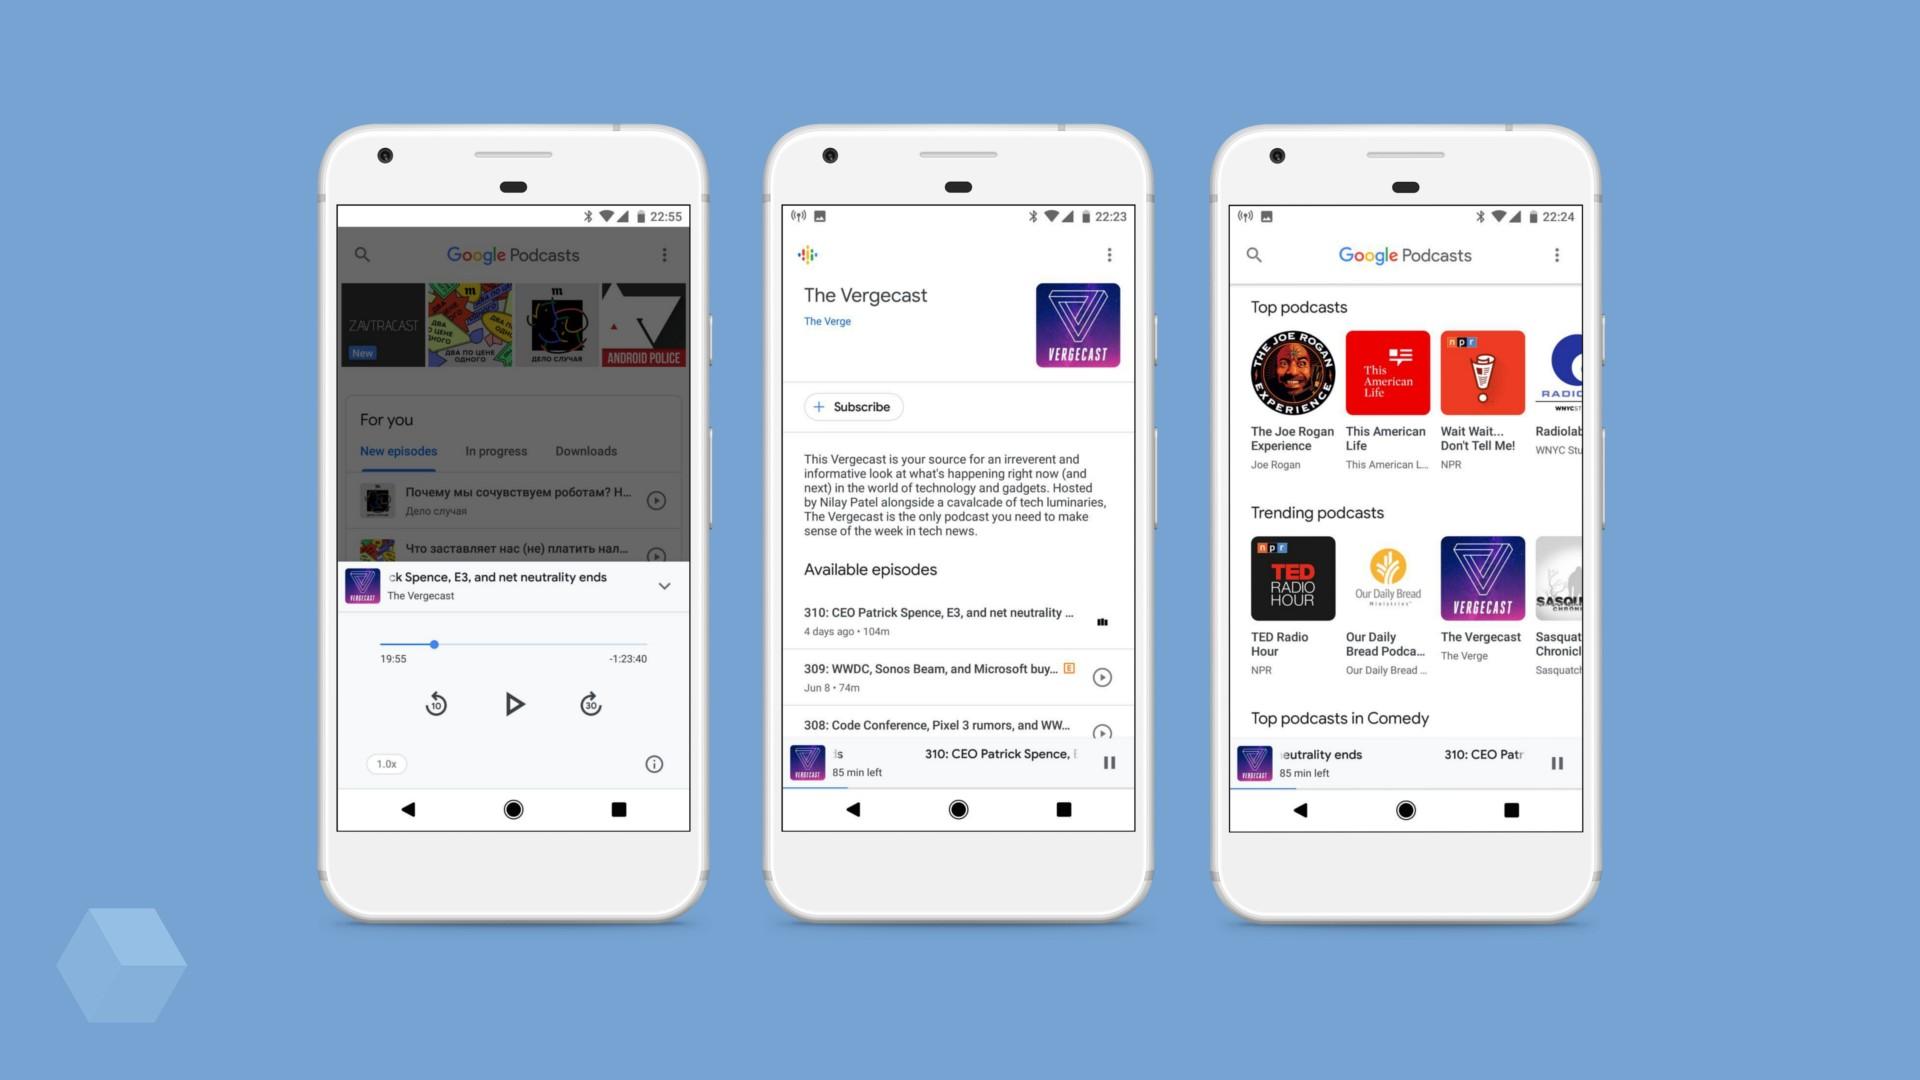 Приложение Google Podcasts появилось в Play Маркете